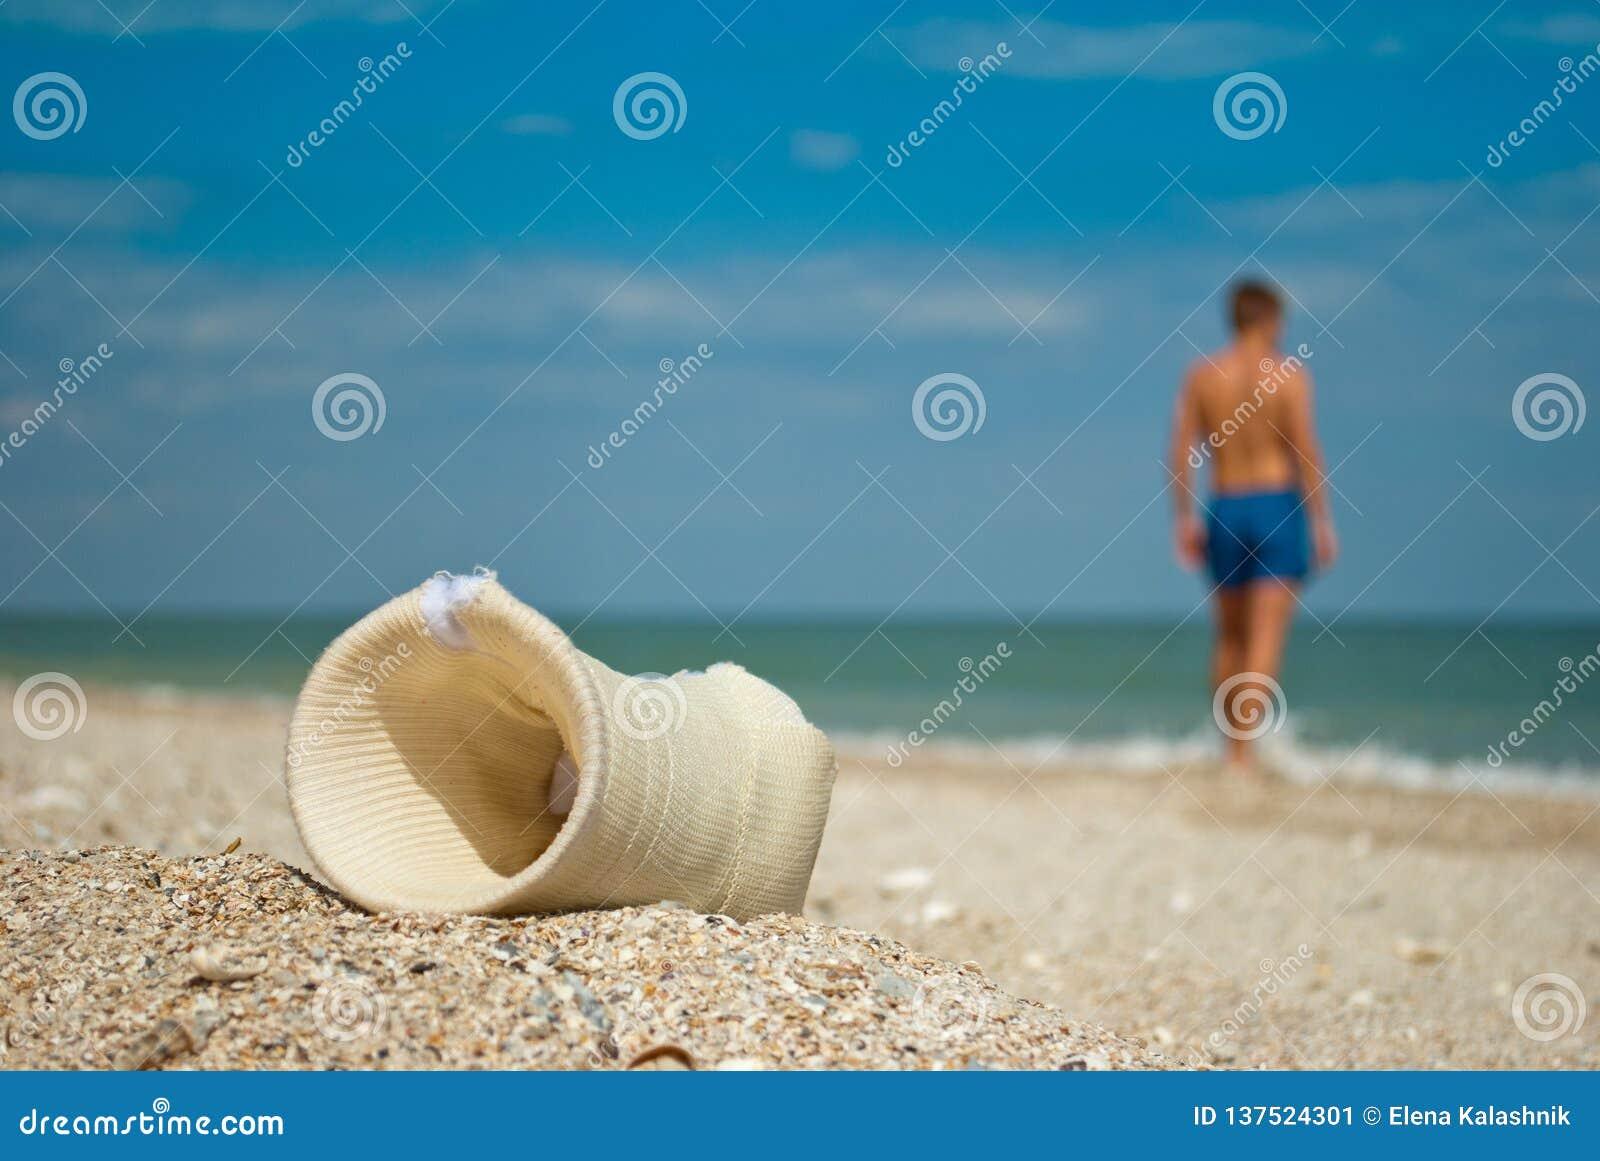 Съемка гипса, конец песка человека вверх против моря и небо, заволакивает сломленный лимб руки, спасение, листья парня